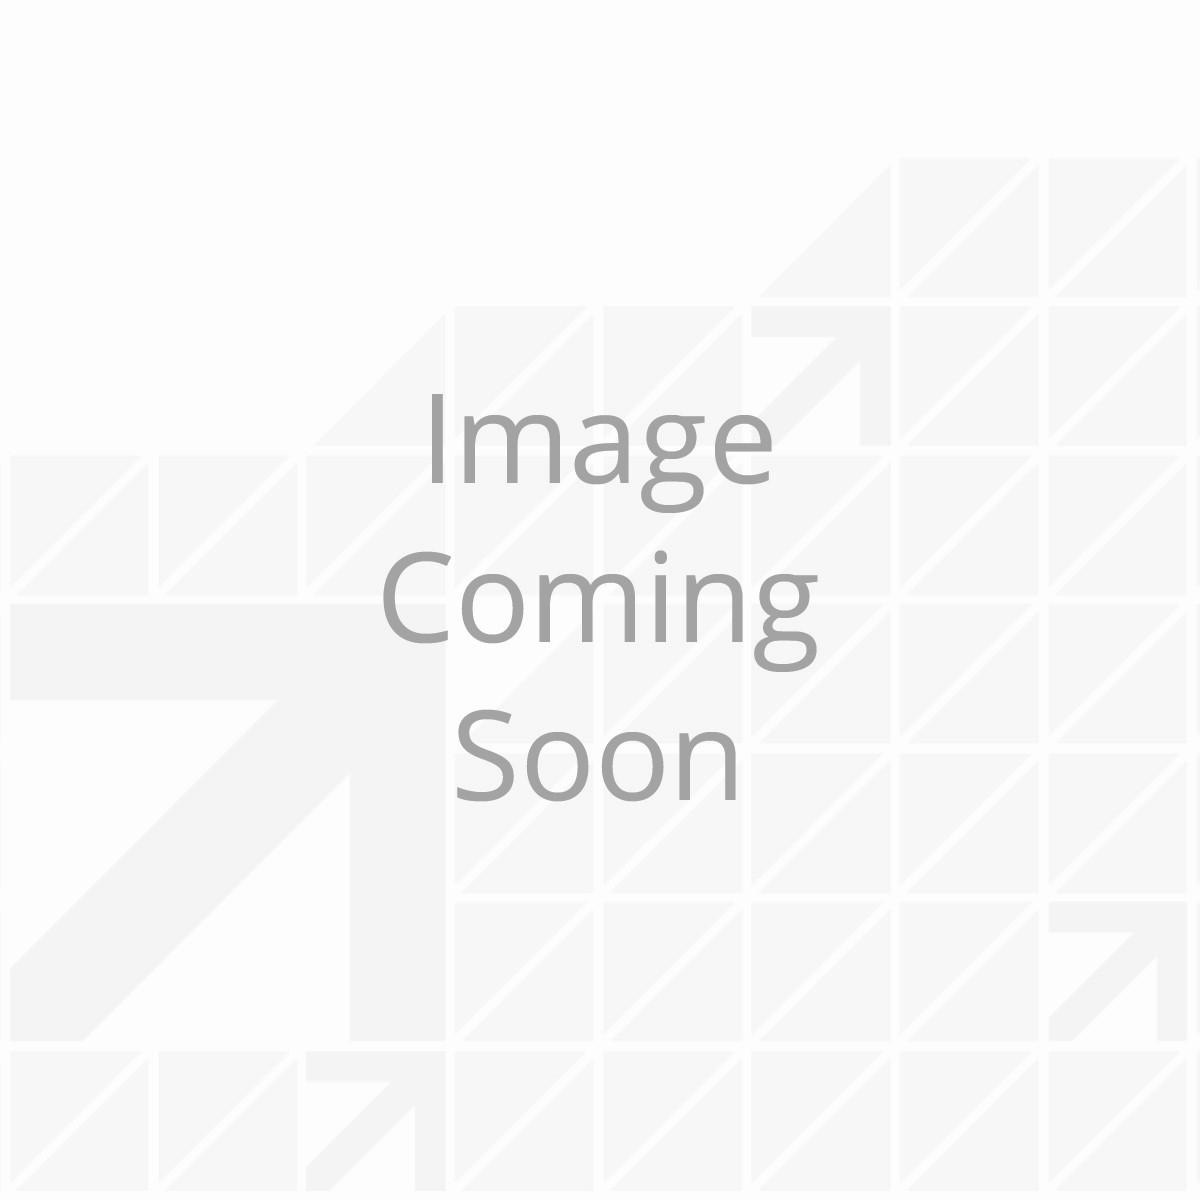 hydraulic cylinder with 30 2 u0026quot  stroke  3  4 u0026quot